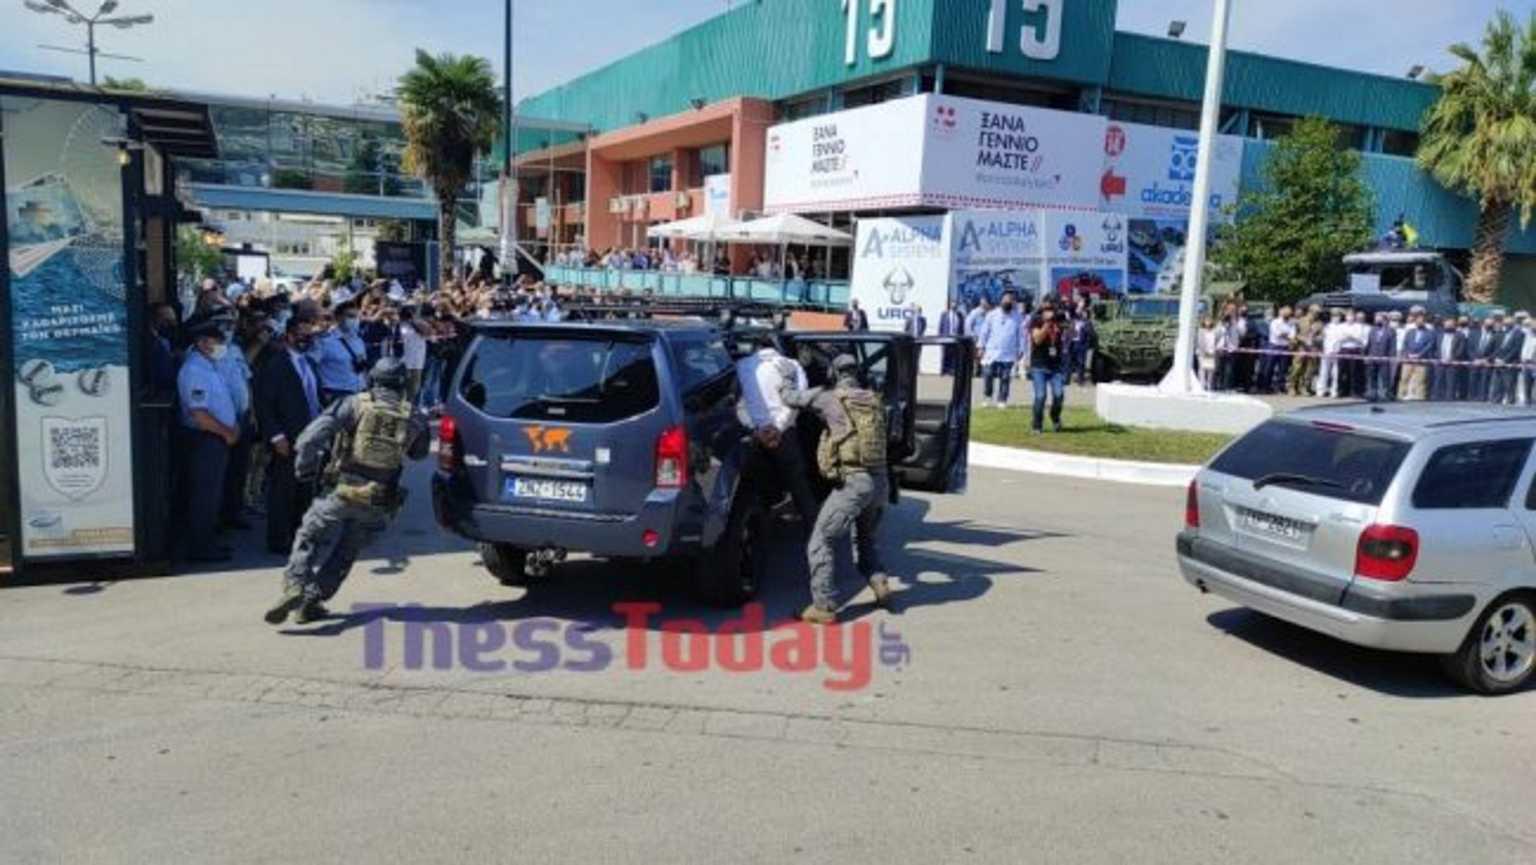 ΔΕΘ 2021: Κροτίδες και «σύλληψη τρομοκράτη» μπροστά στον Μητσοτάκη